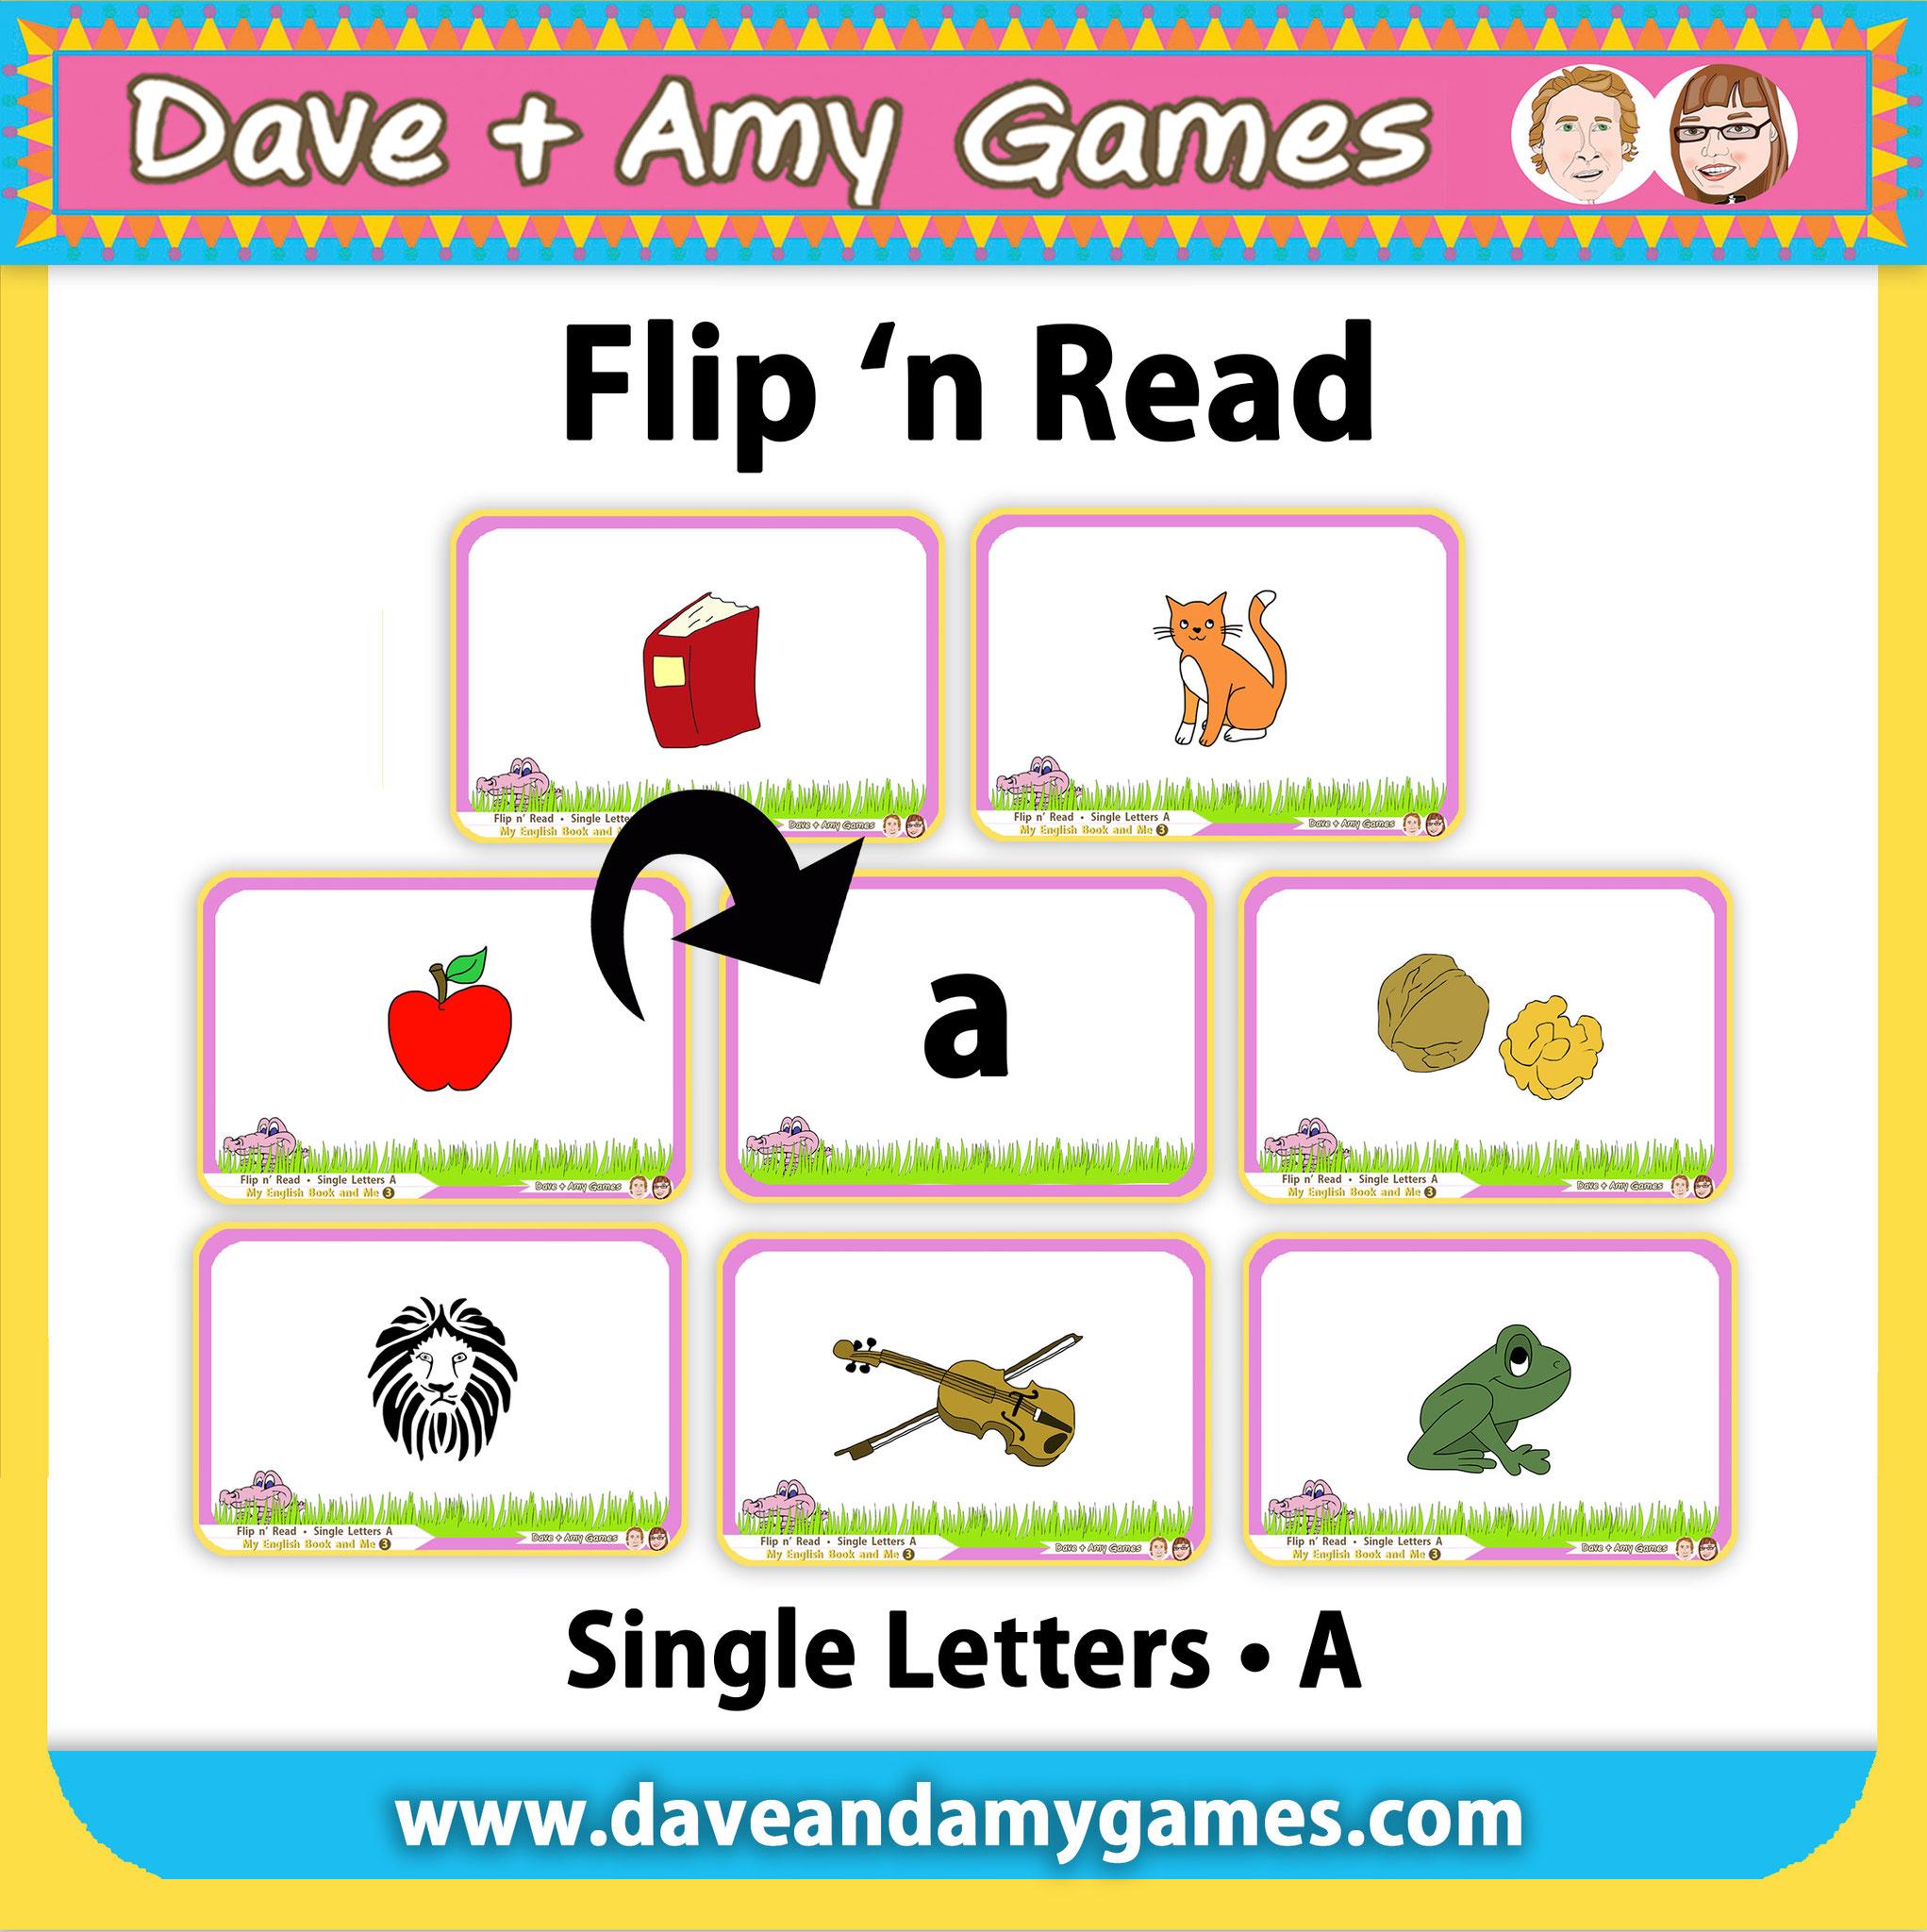 Flip 'n Read (3 ABC Phonics levels = 24 games total)